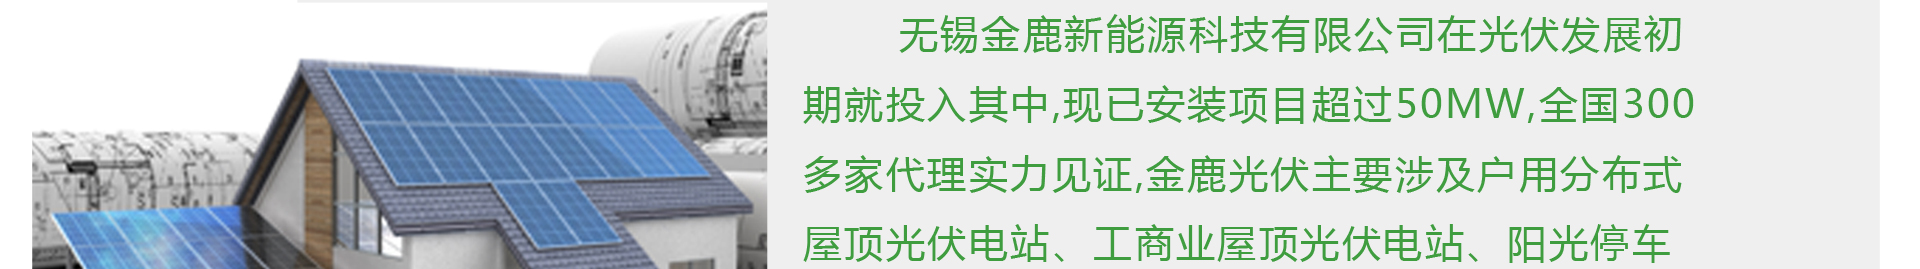 金鹿新能源公司简介